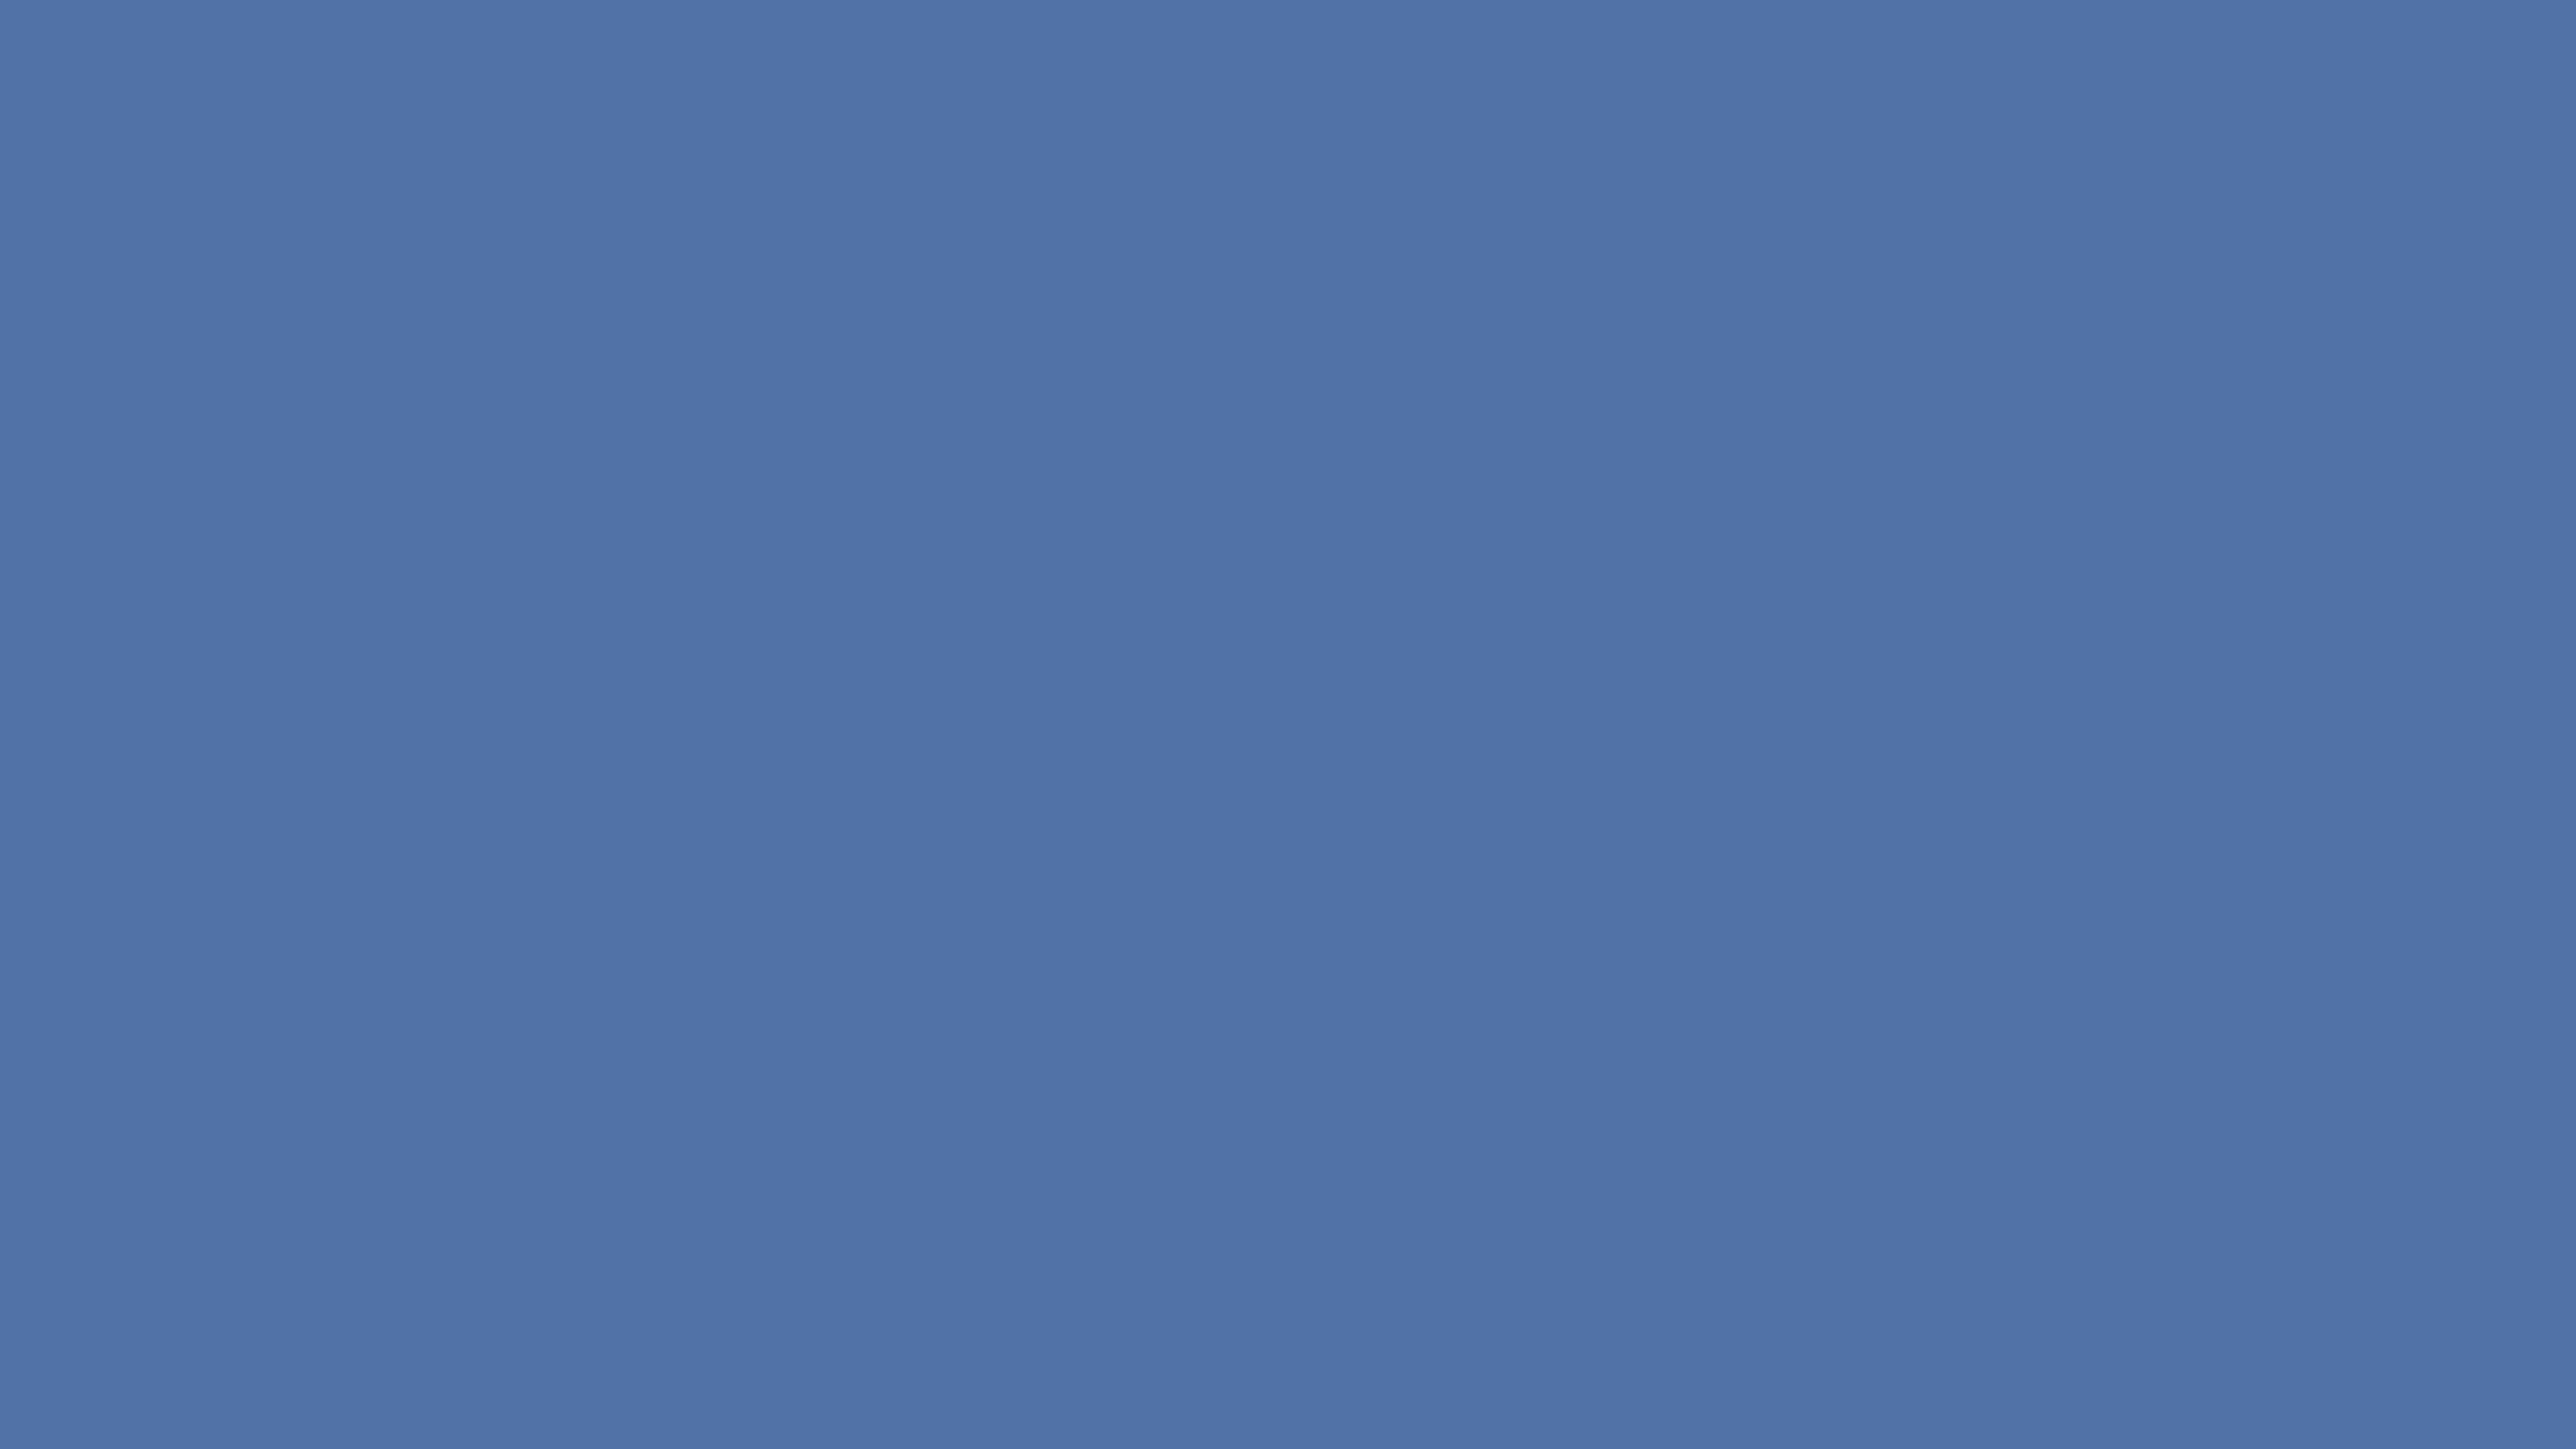 4096x2304 Blue Yonder Solid Color Background